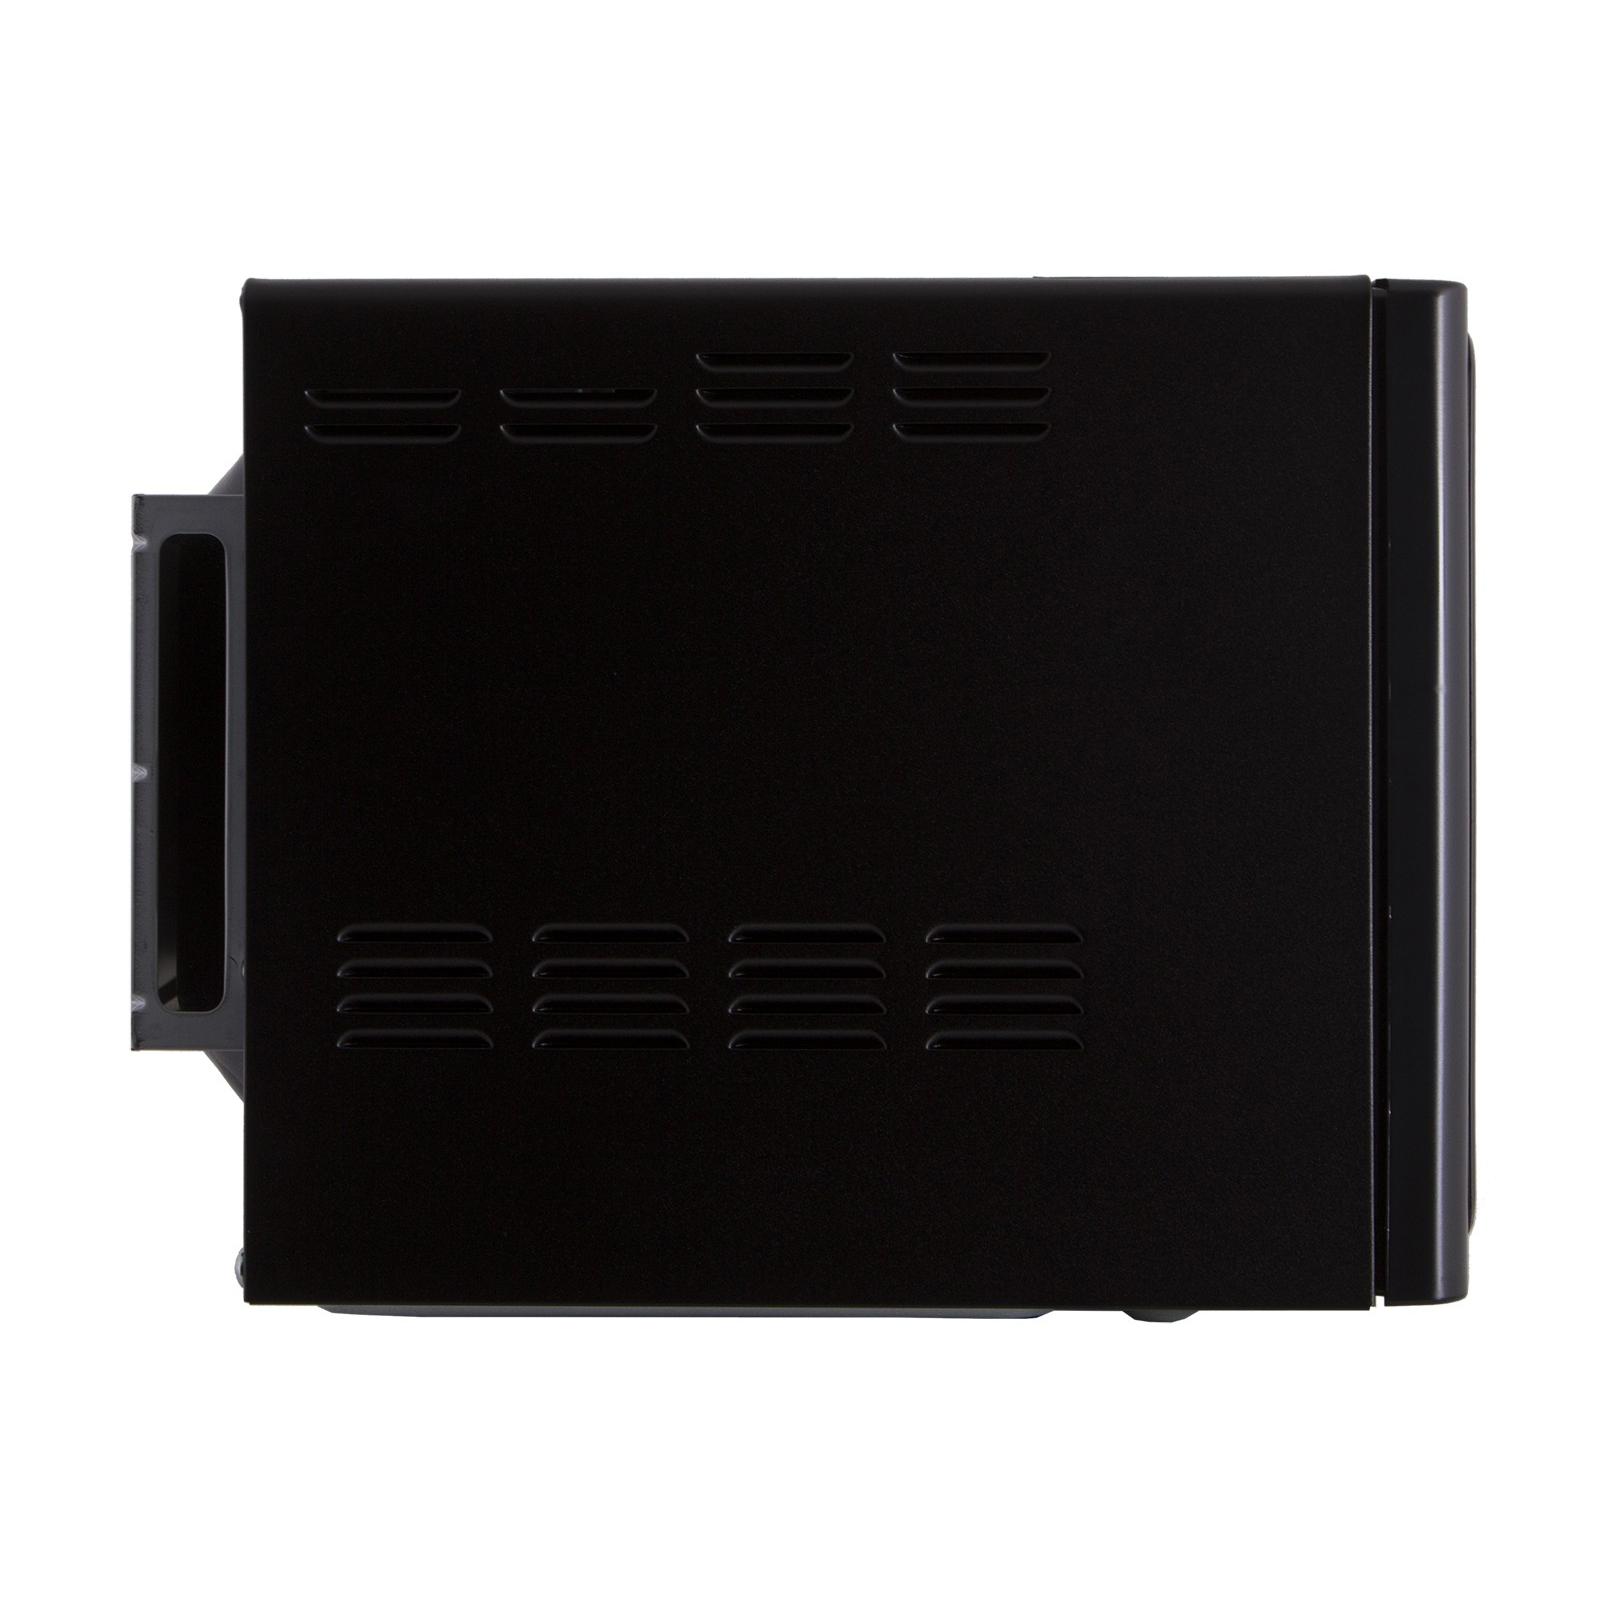 Микроволновая печь Samsung MG23F302TAK/BW изображение 5